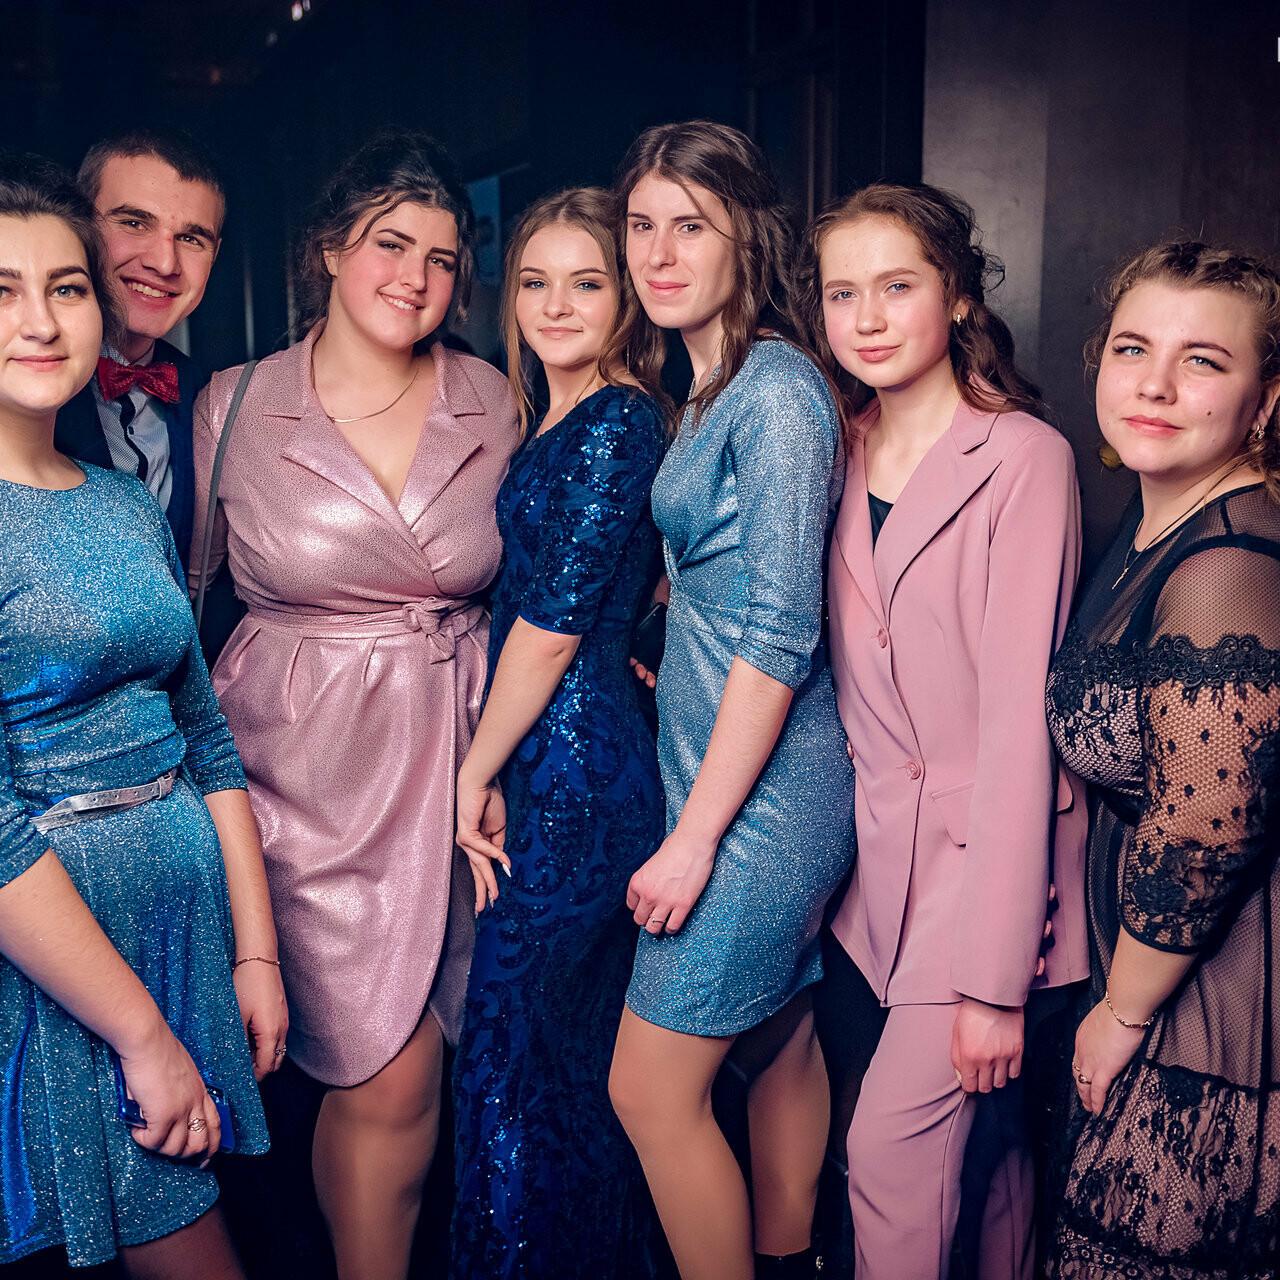 Клуб бизон нижний новгород фото всем